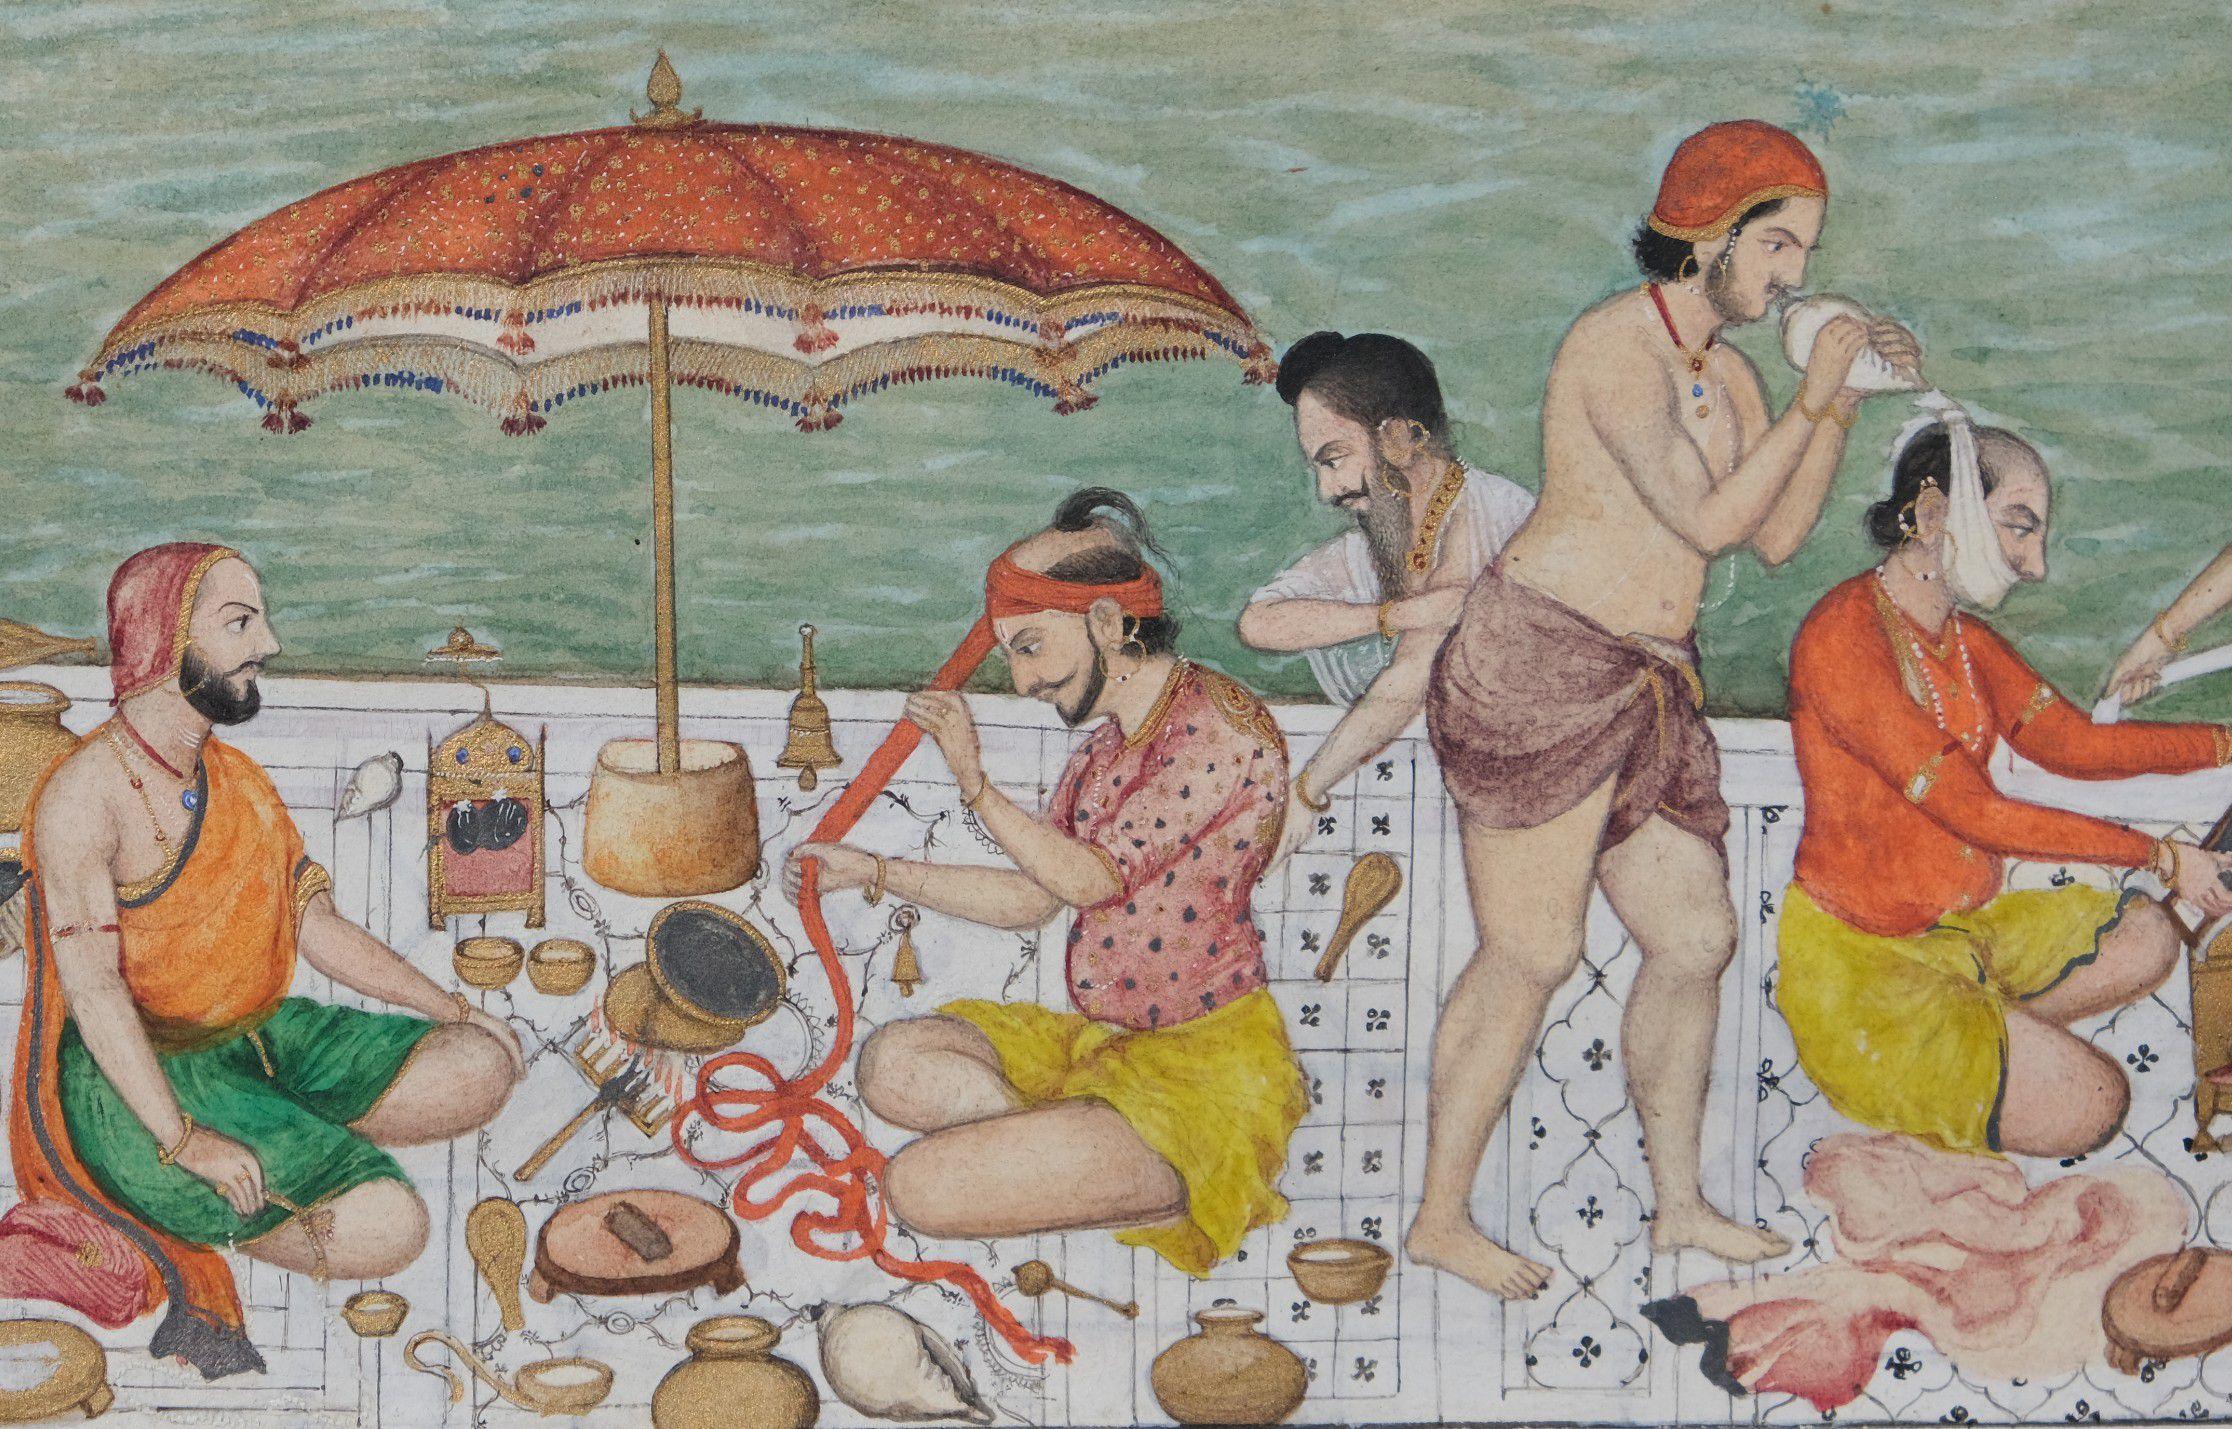 Scènes de vie au Harmandir Sahib, le Temple d'Or d'Amritsar Inde du nord, Penjab, Amritsar - Image 8 of 9